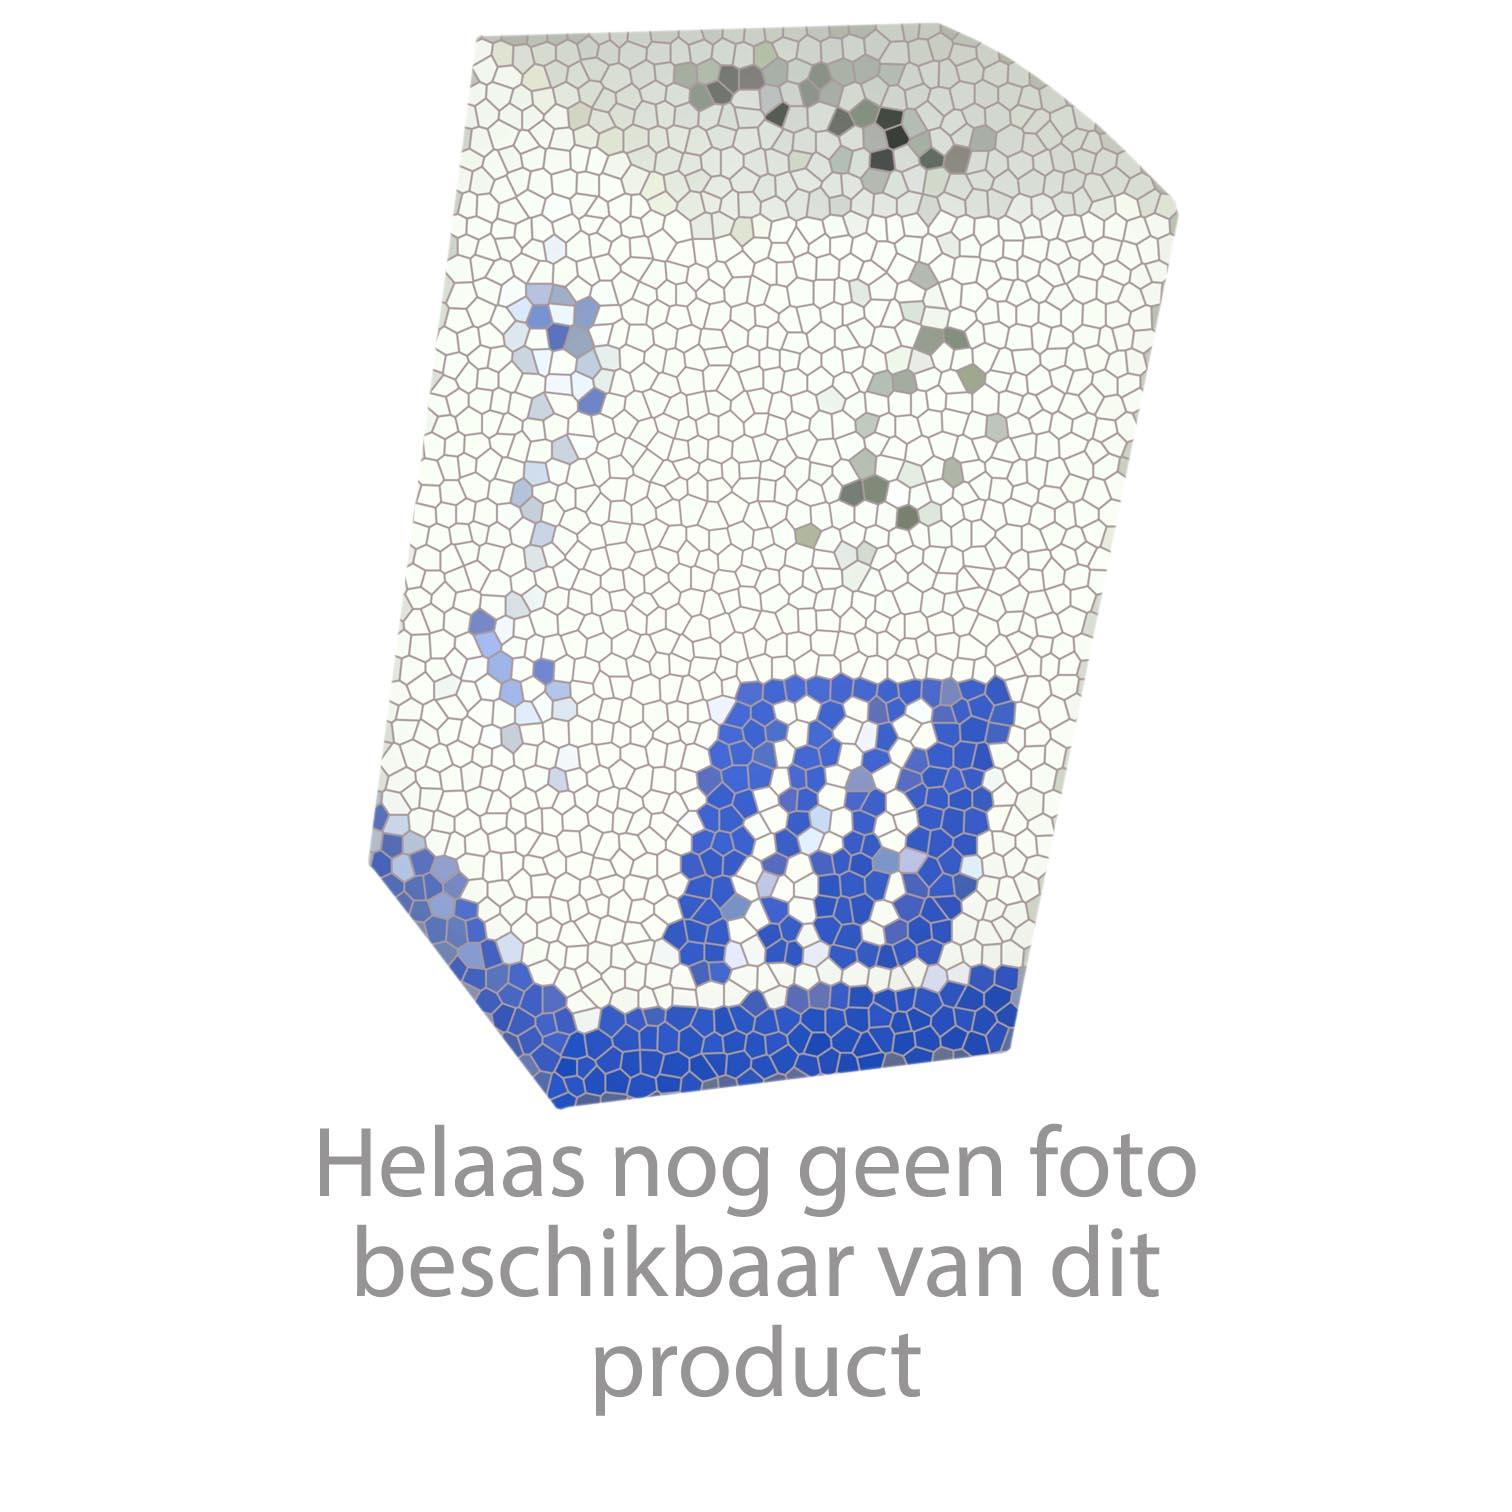 HansGrohe Keukenmengkranen Allegra Carlton productiejaar > 02/03 14882 onderdelen